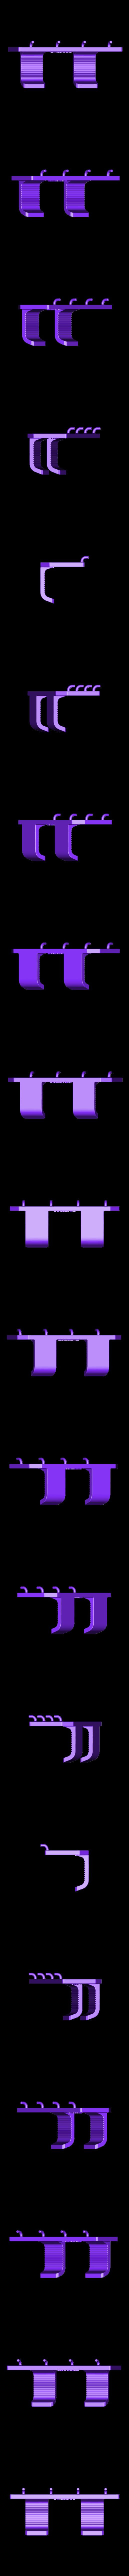 enforce_16_pins.stl Download free STL file Tool Holder for Claw Hammer 16oz 034 I ENFORCE I for screws or peg board • 3D printer design, Wiesemann1893